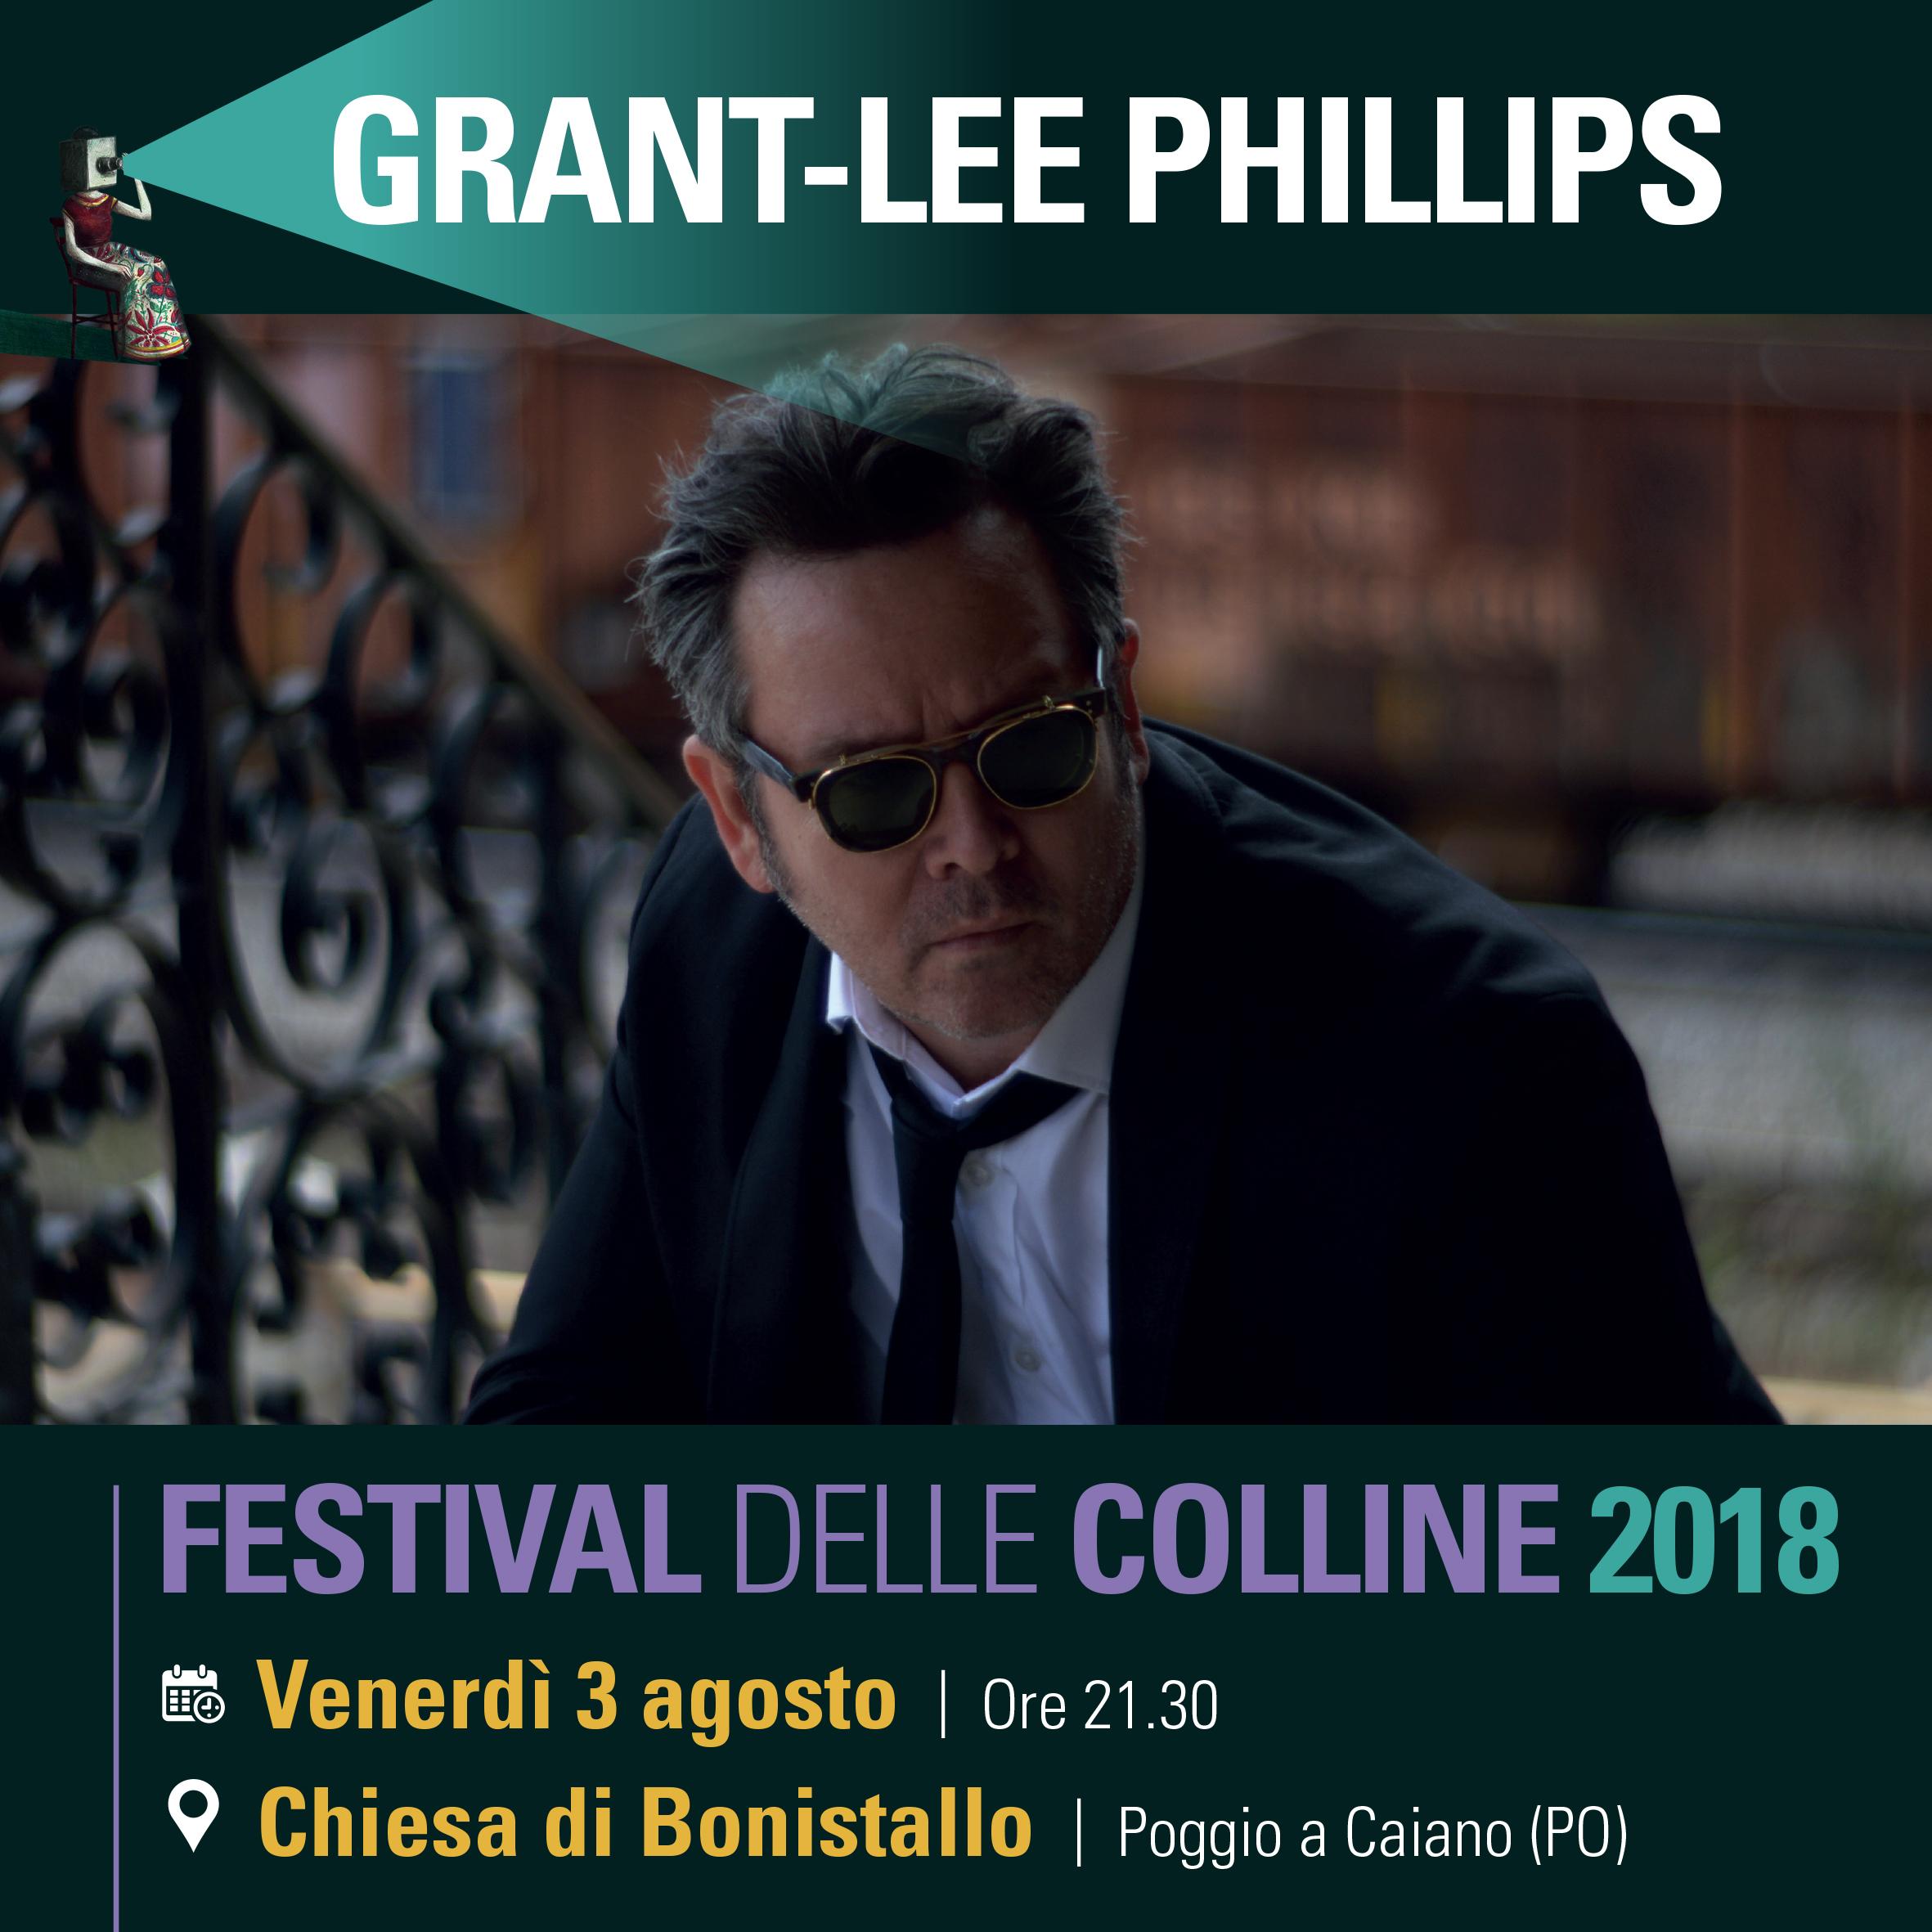 Grant Lee Phillips al Festival delle Colline 2018